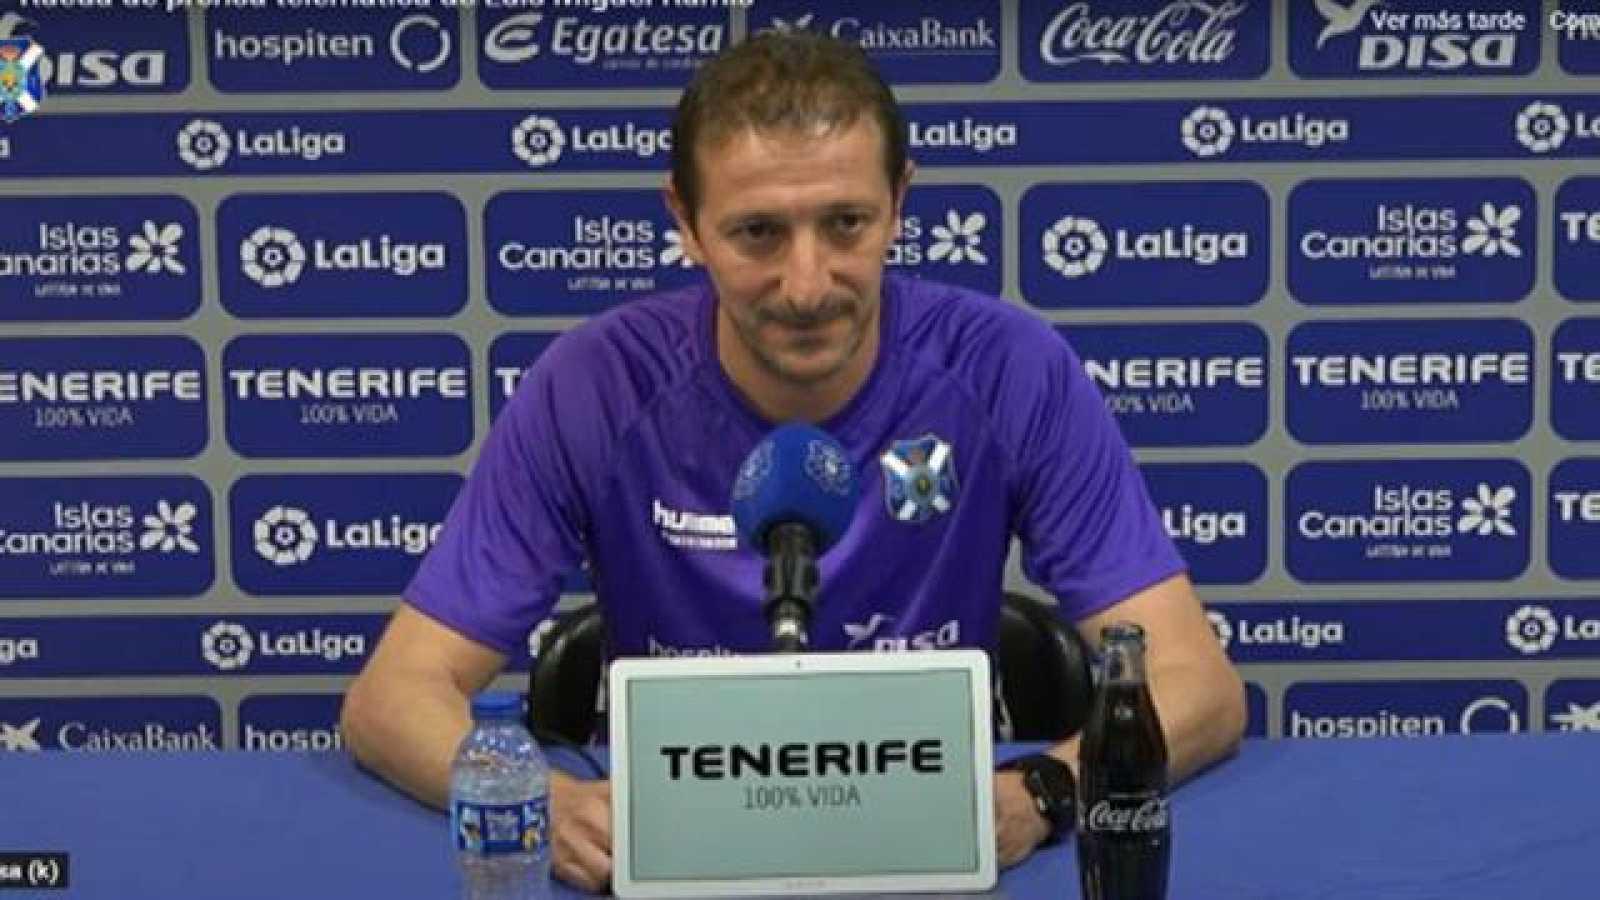 Deportes Canarias - 02/12/2020